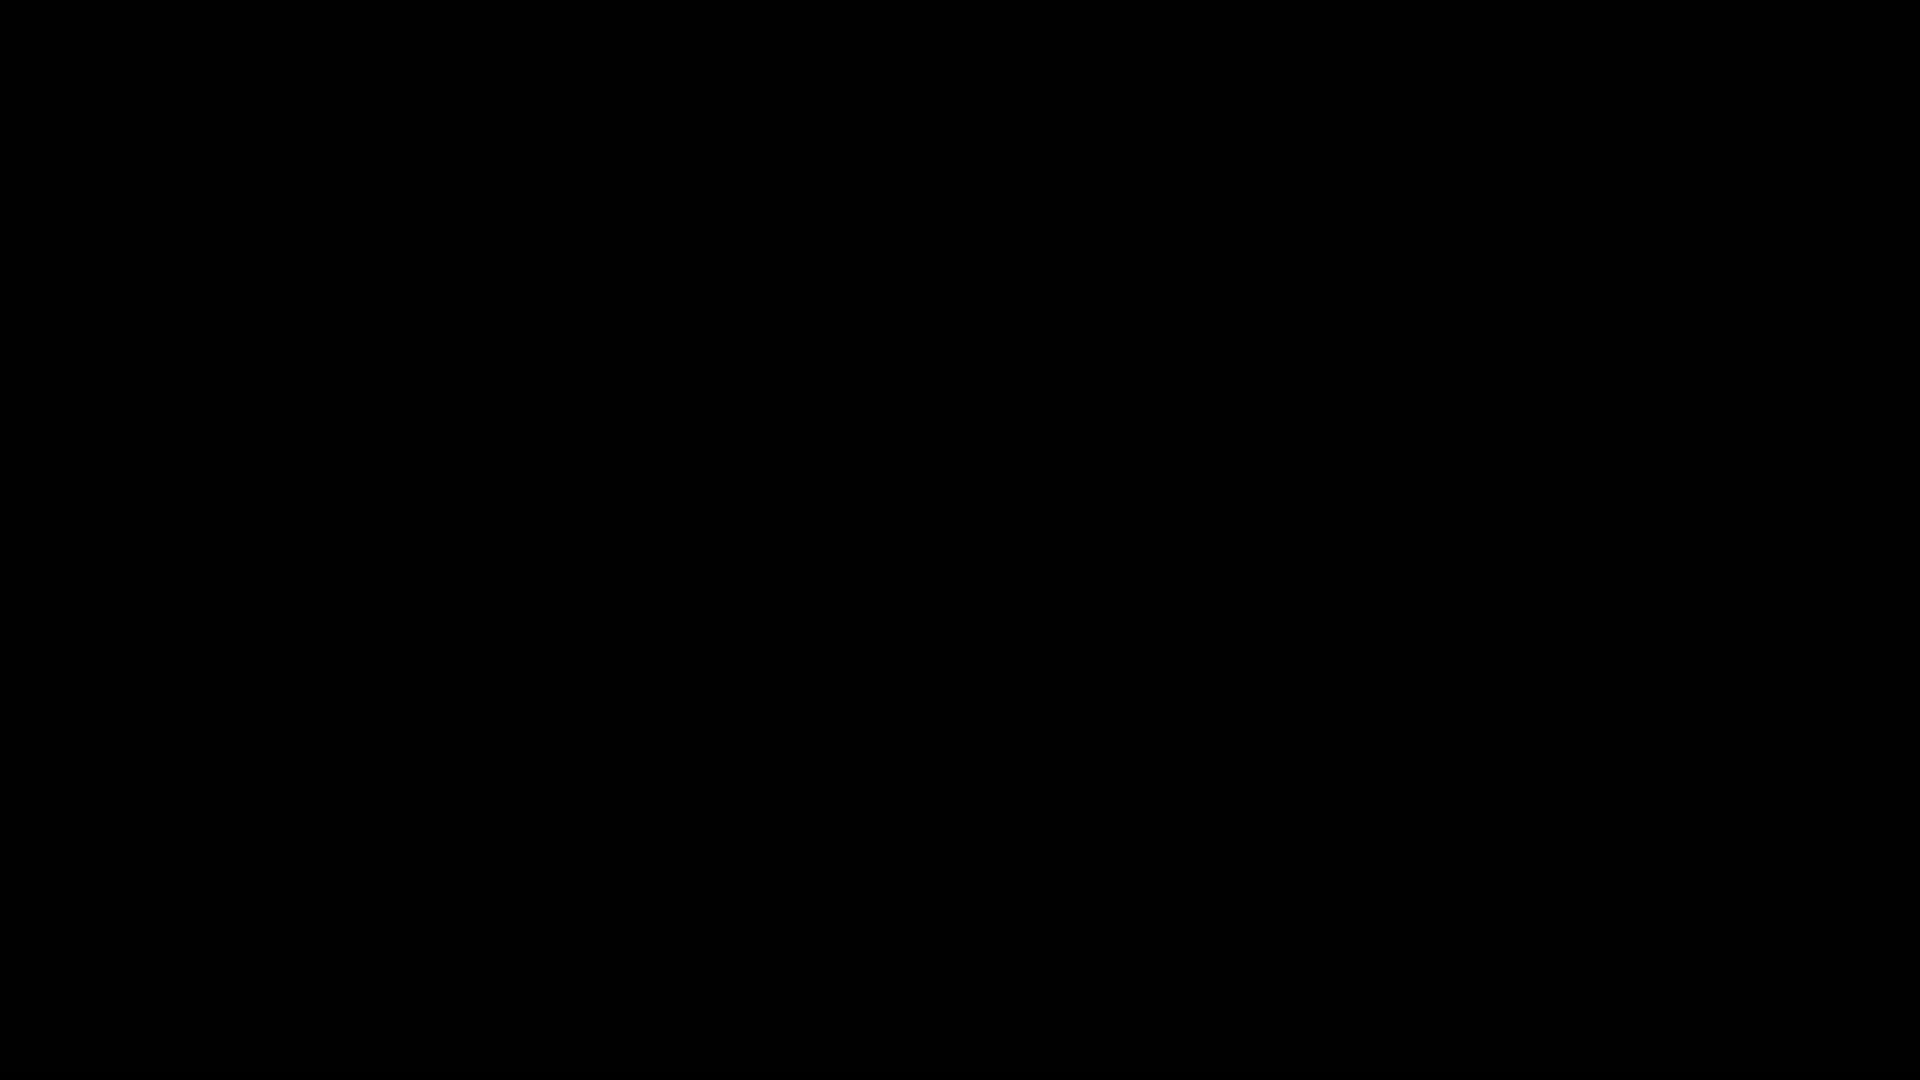 極太黒砲 VS 和風美女~進撃の巨根を悩殺しちゃう~ - あずみ恋【背面座位 騎乗位 駅弁 側位 中だし】